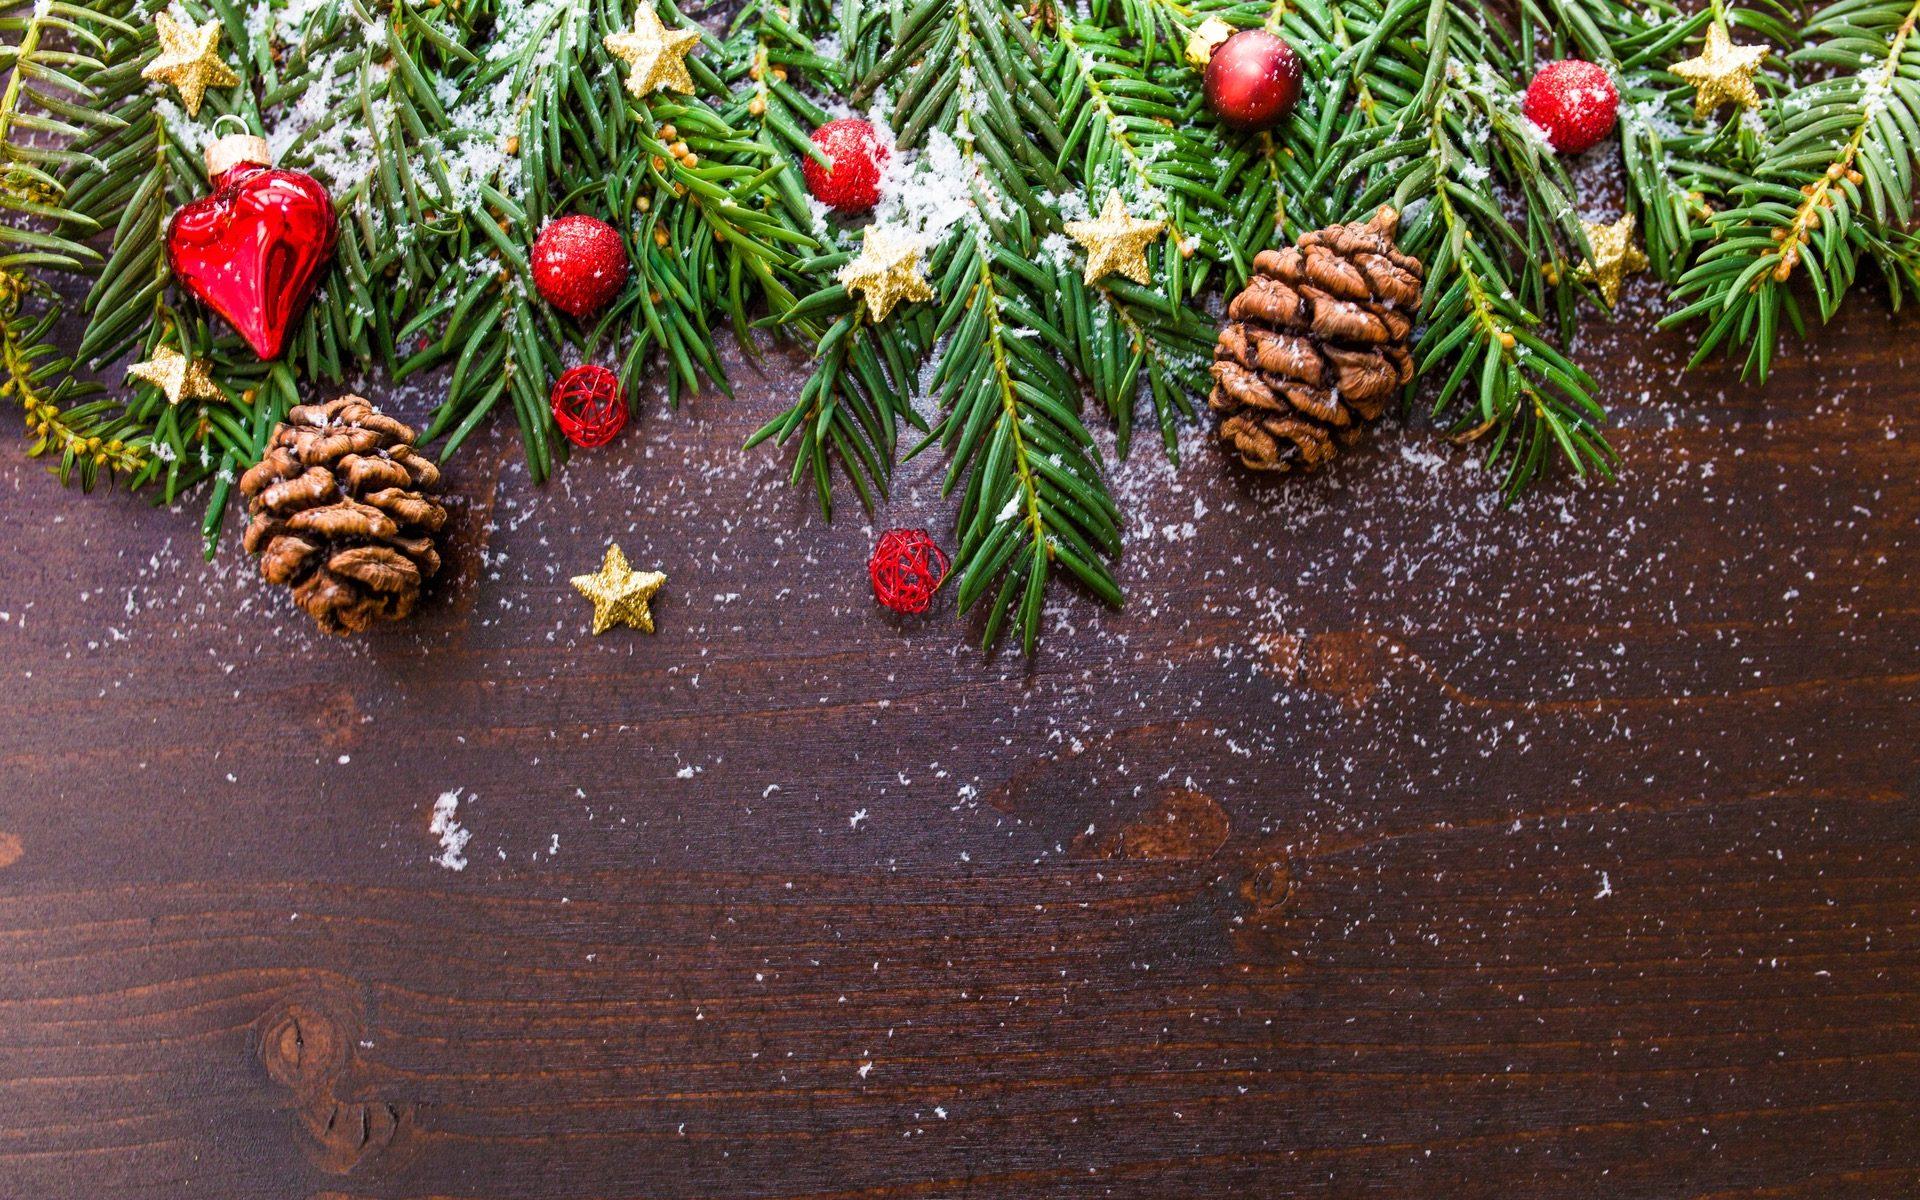 Życzenia na święta Bożego Narodzenia